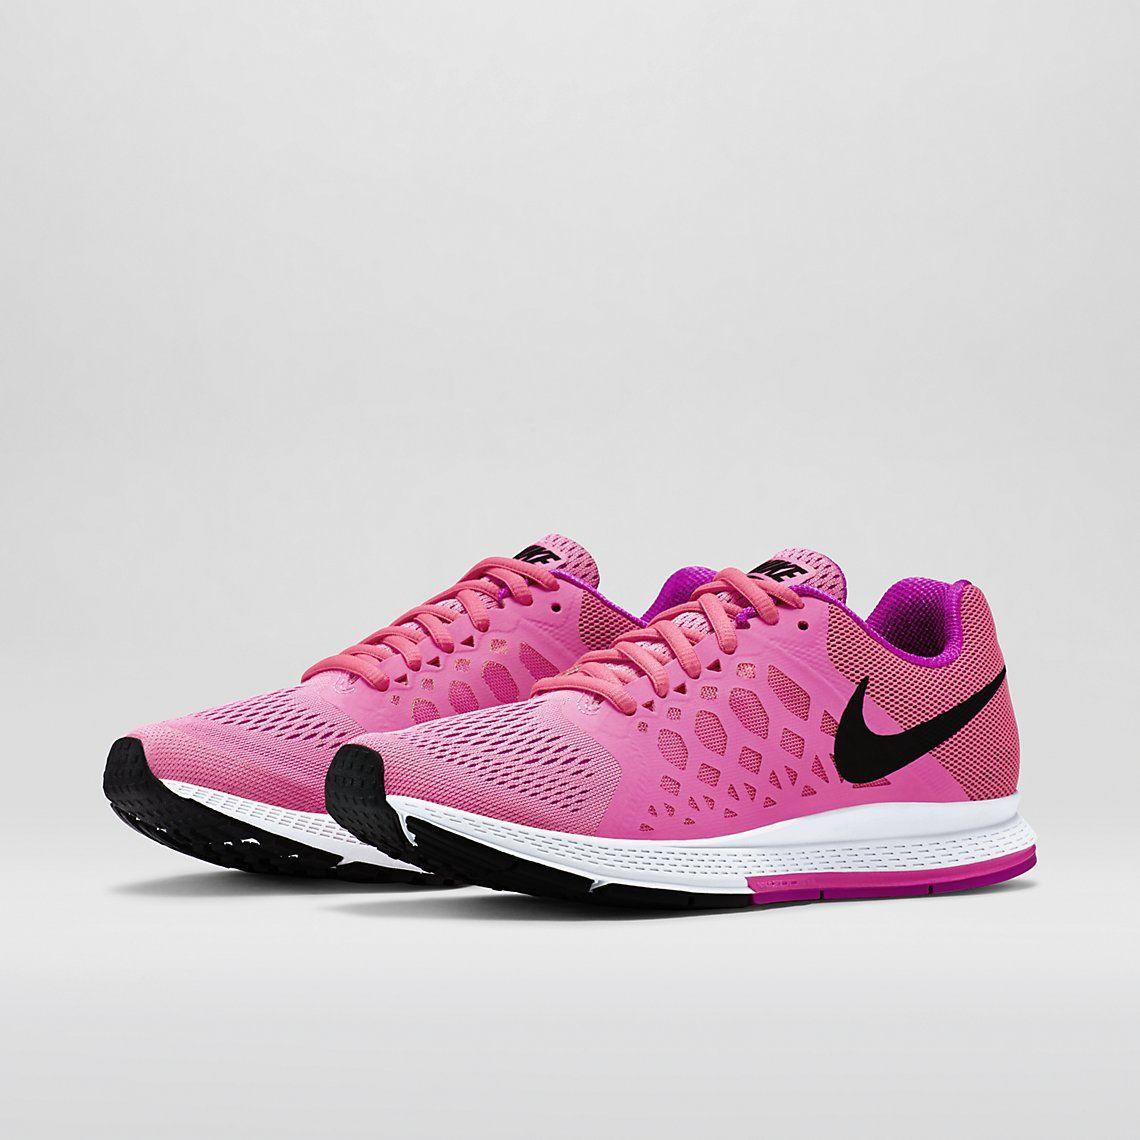 buy popular ddb6b 89bfd Pink Nike Air Zoom Pegasus 31 Women s Running Shoe. Gym workout fashion